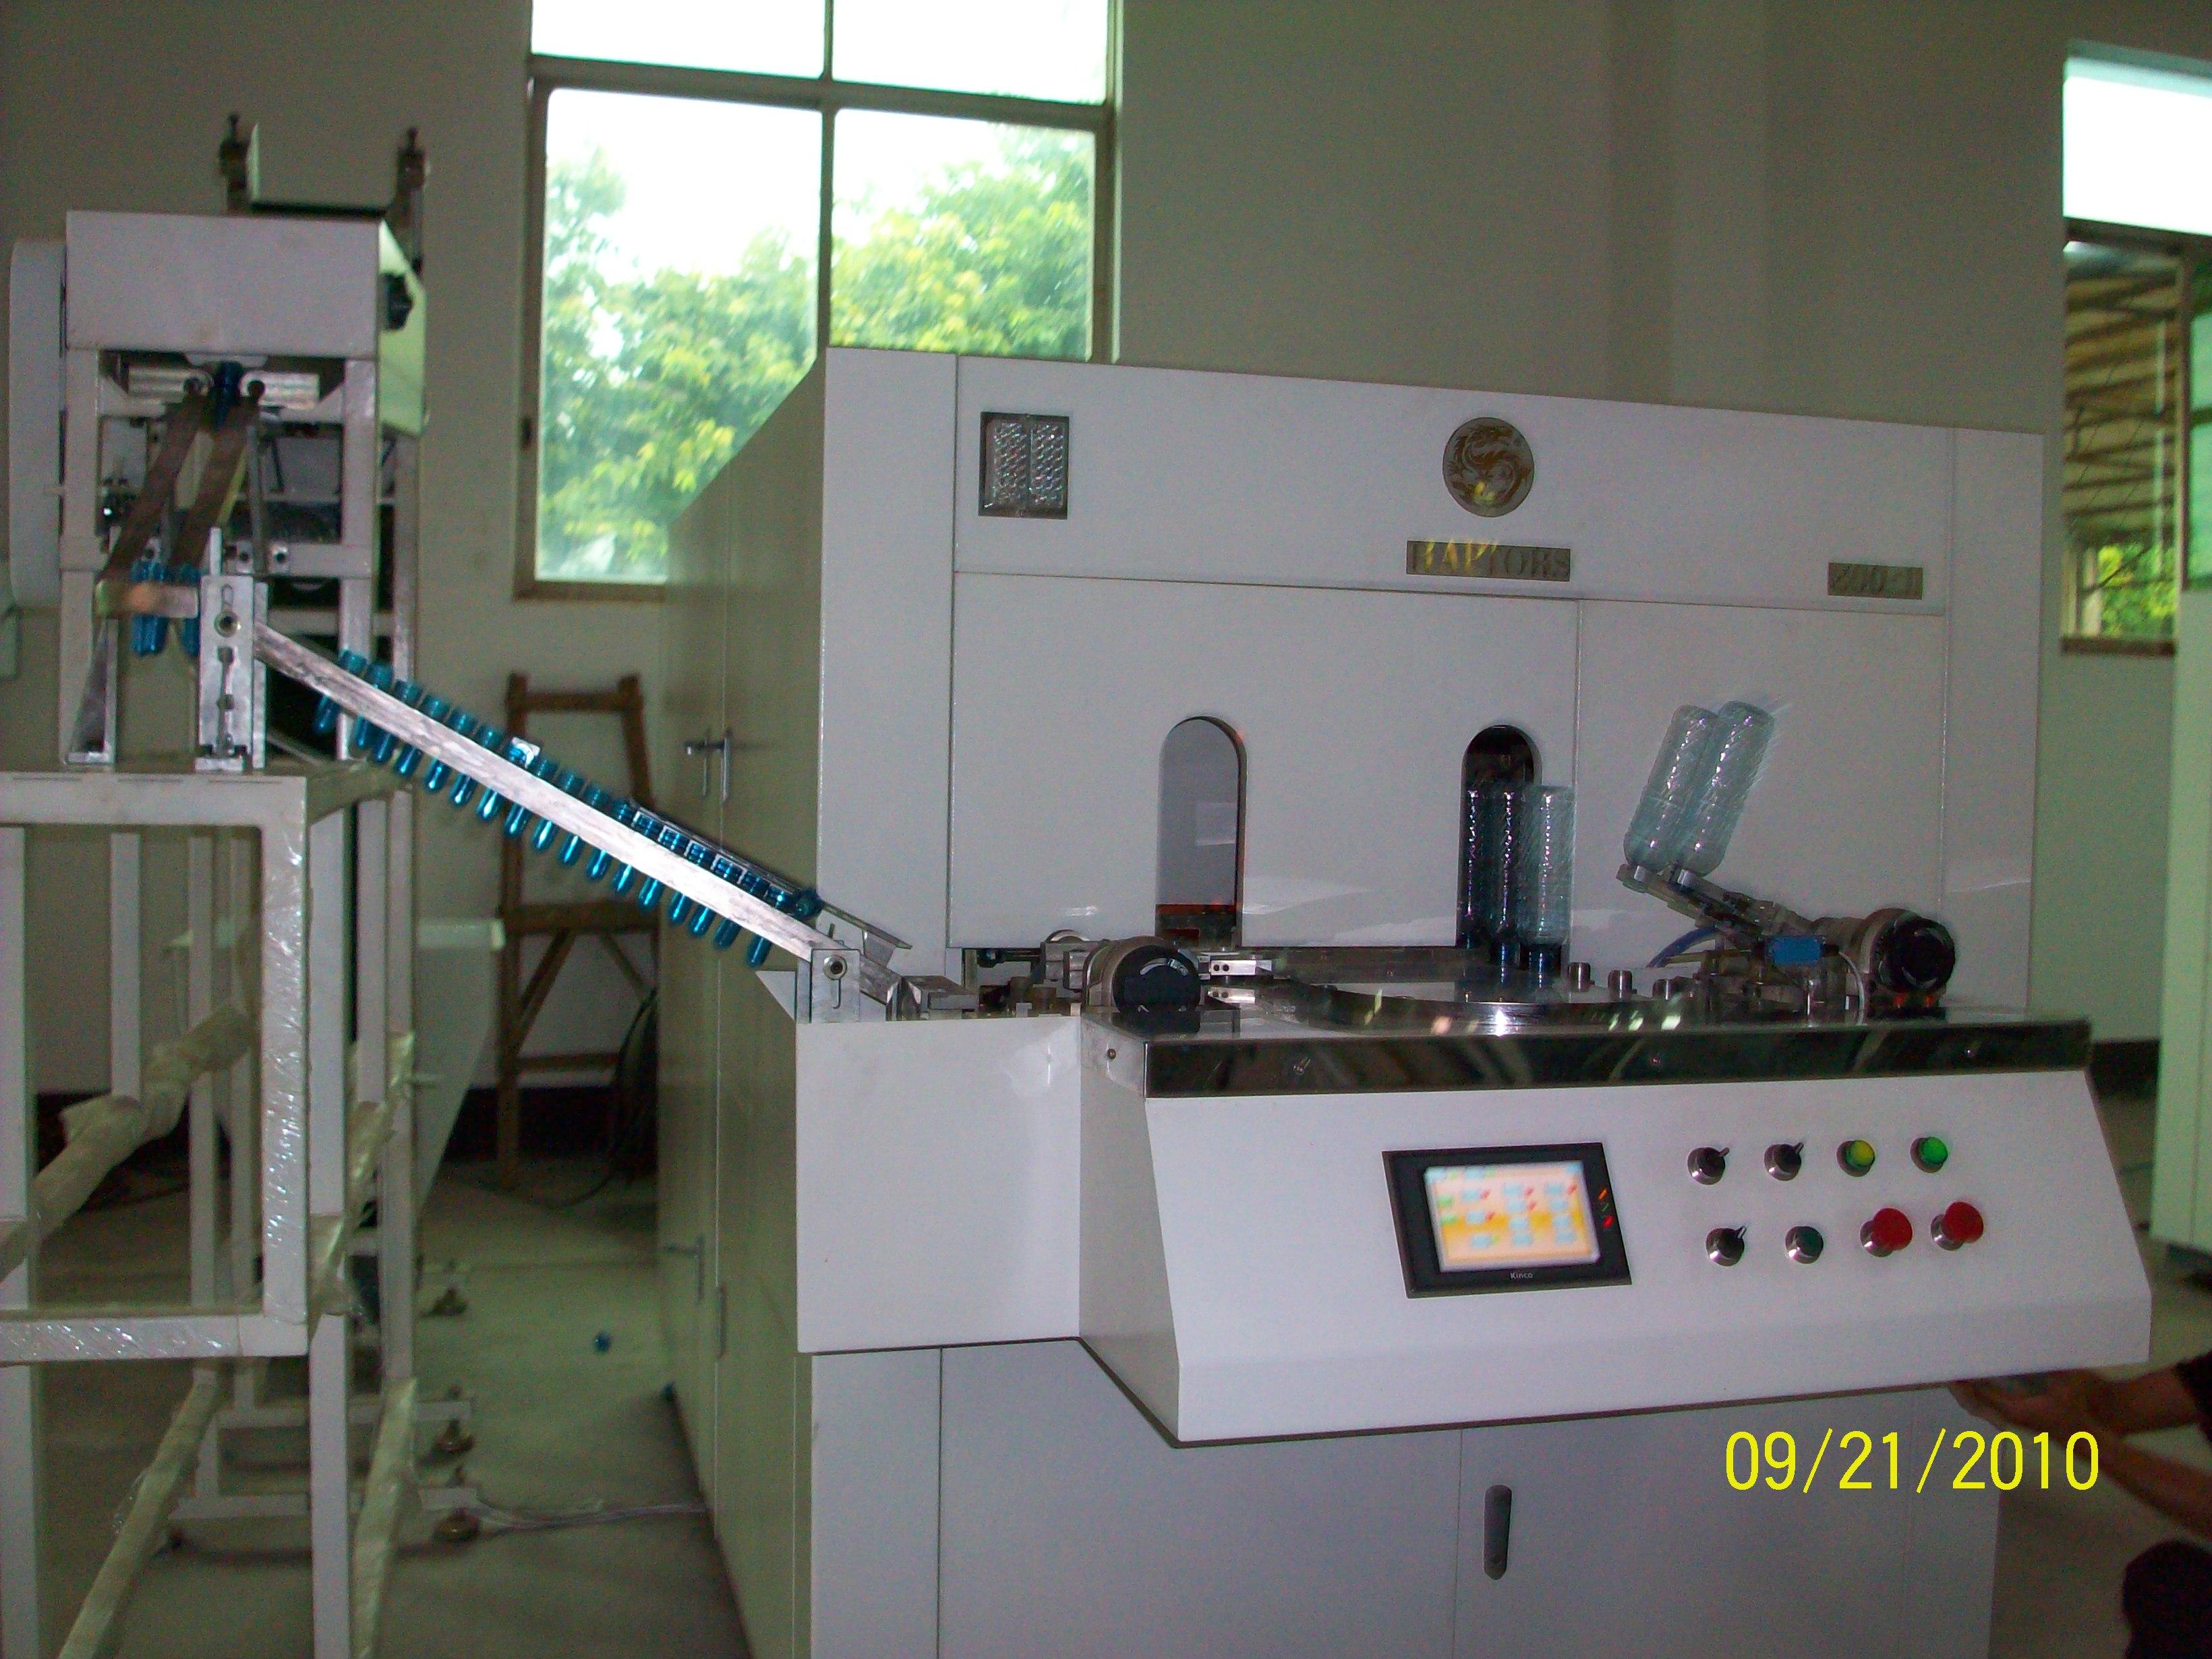 吹瓶机plc控制系统原理电路图